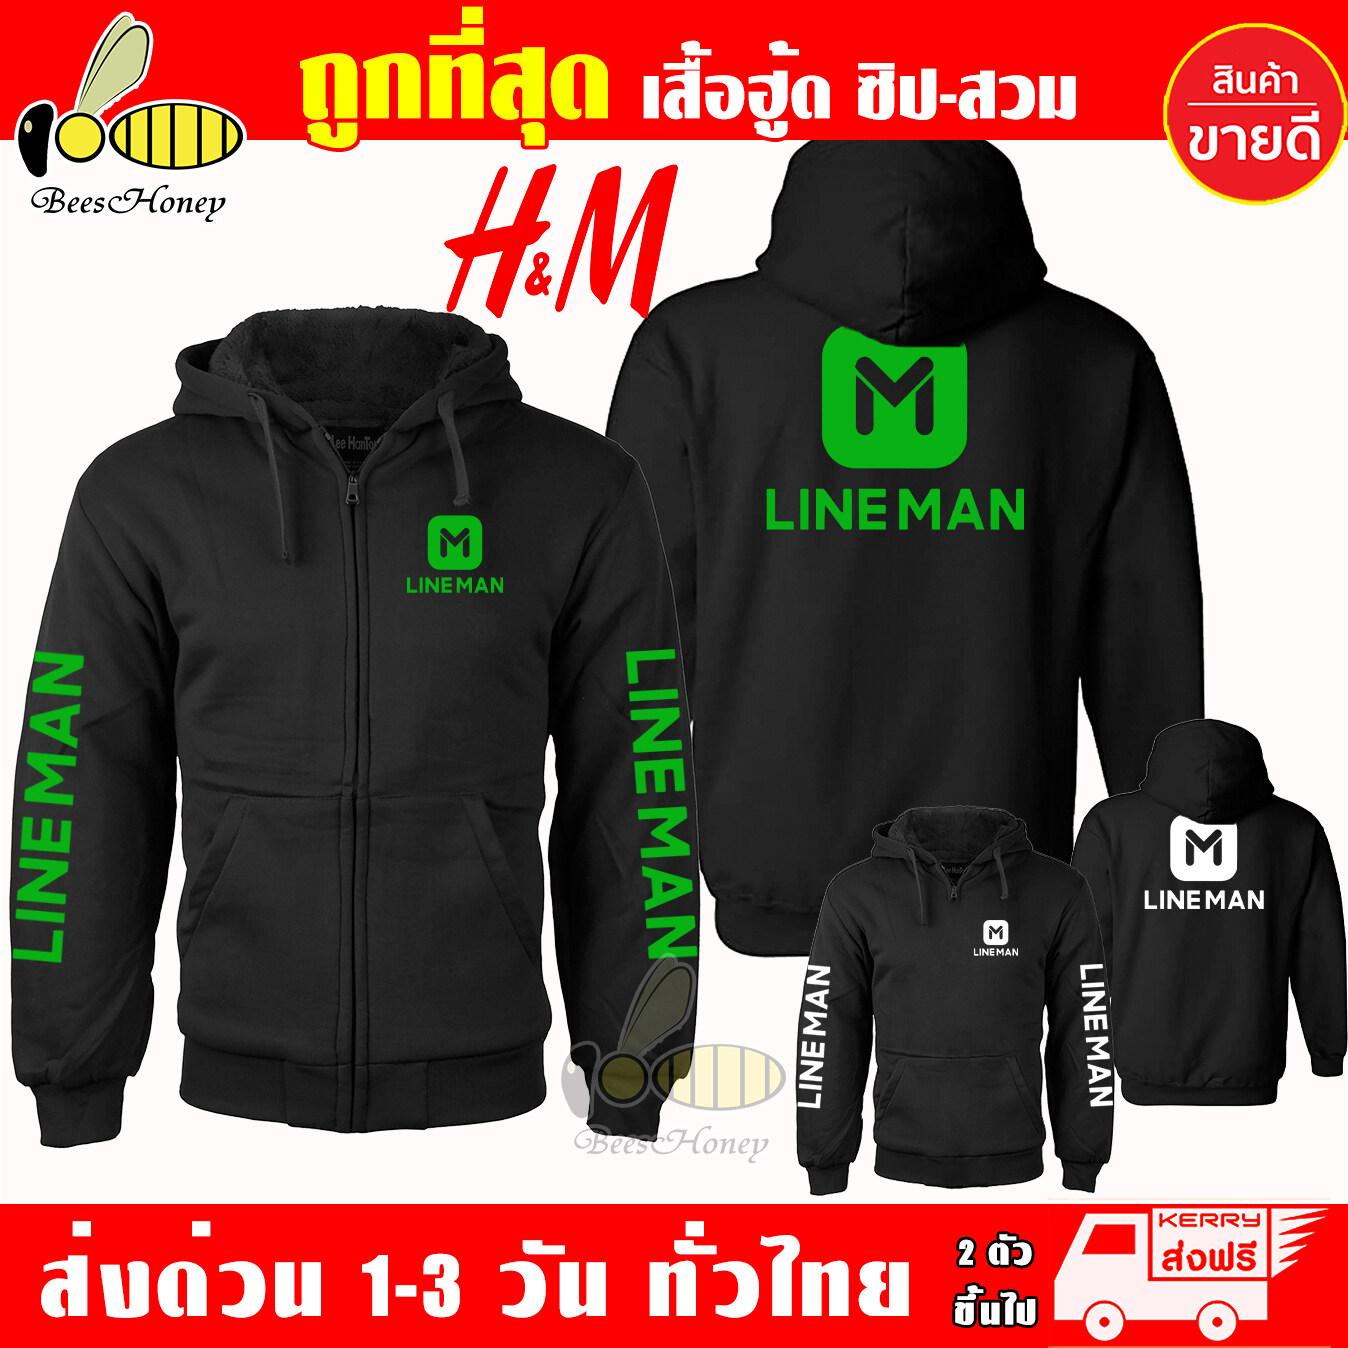 เสื้อฮู้ด Lineman งาน H&m แบบสวมและซิป เสื้อกันหนาว ผ้าเกรด A เสื้อแจ็คเก็ต งานดีแน่นอน หนานุ่มใส่สบาย Hoodie สกรีนเฟล็ก Pu.